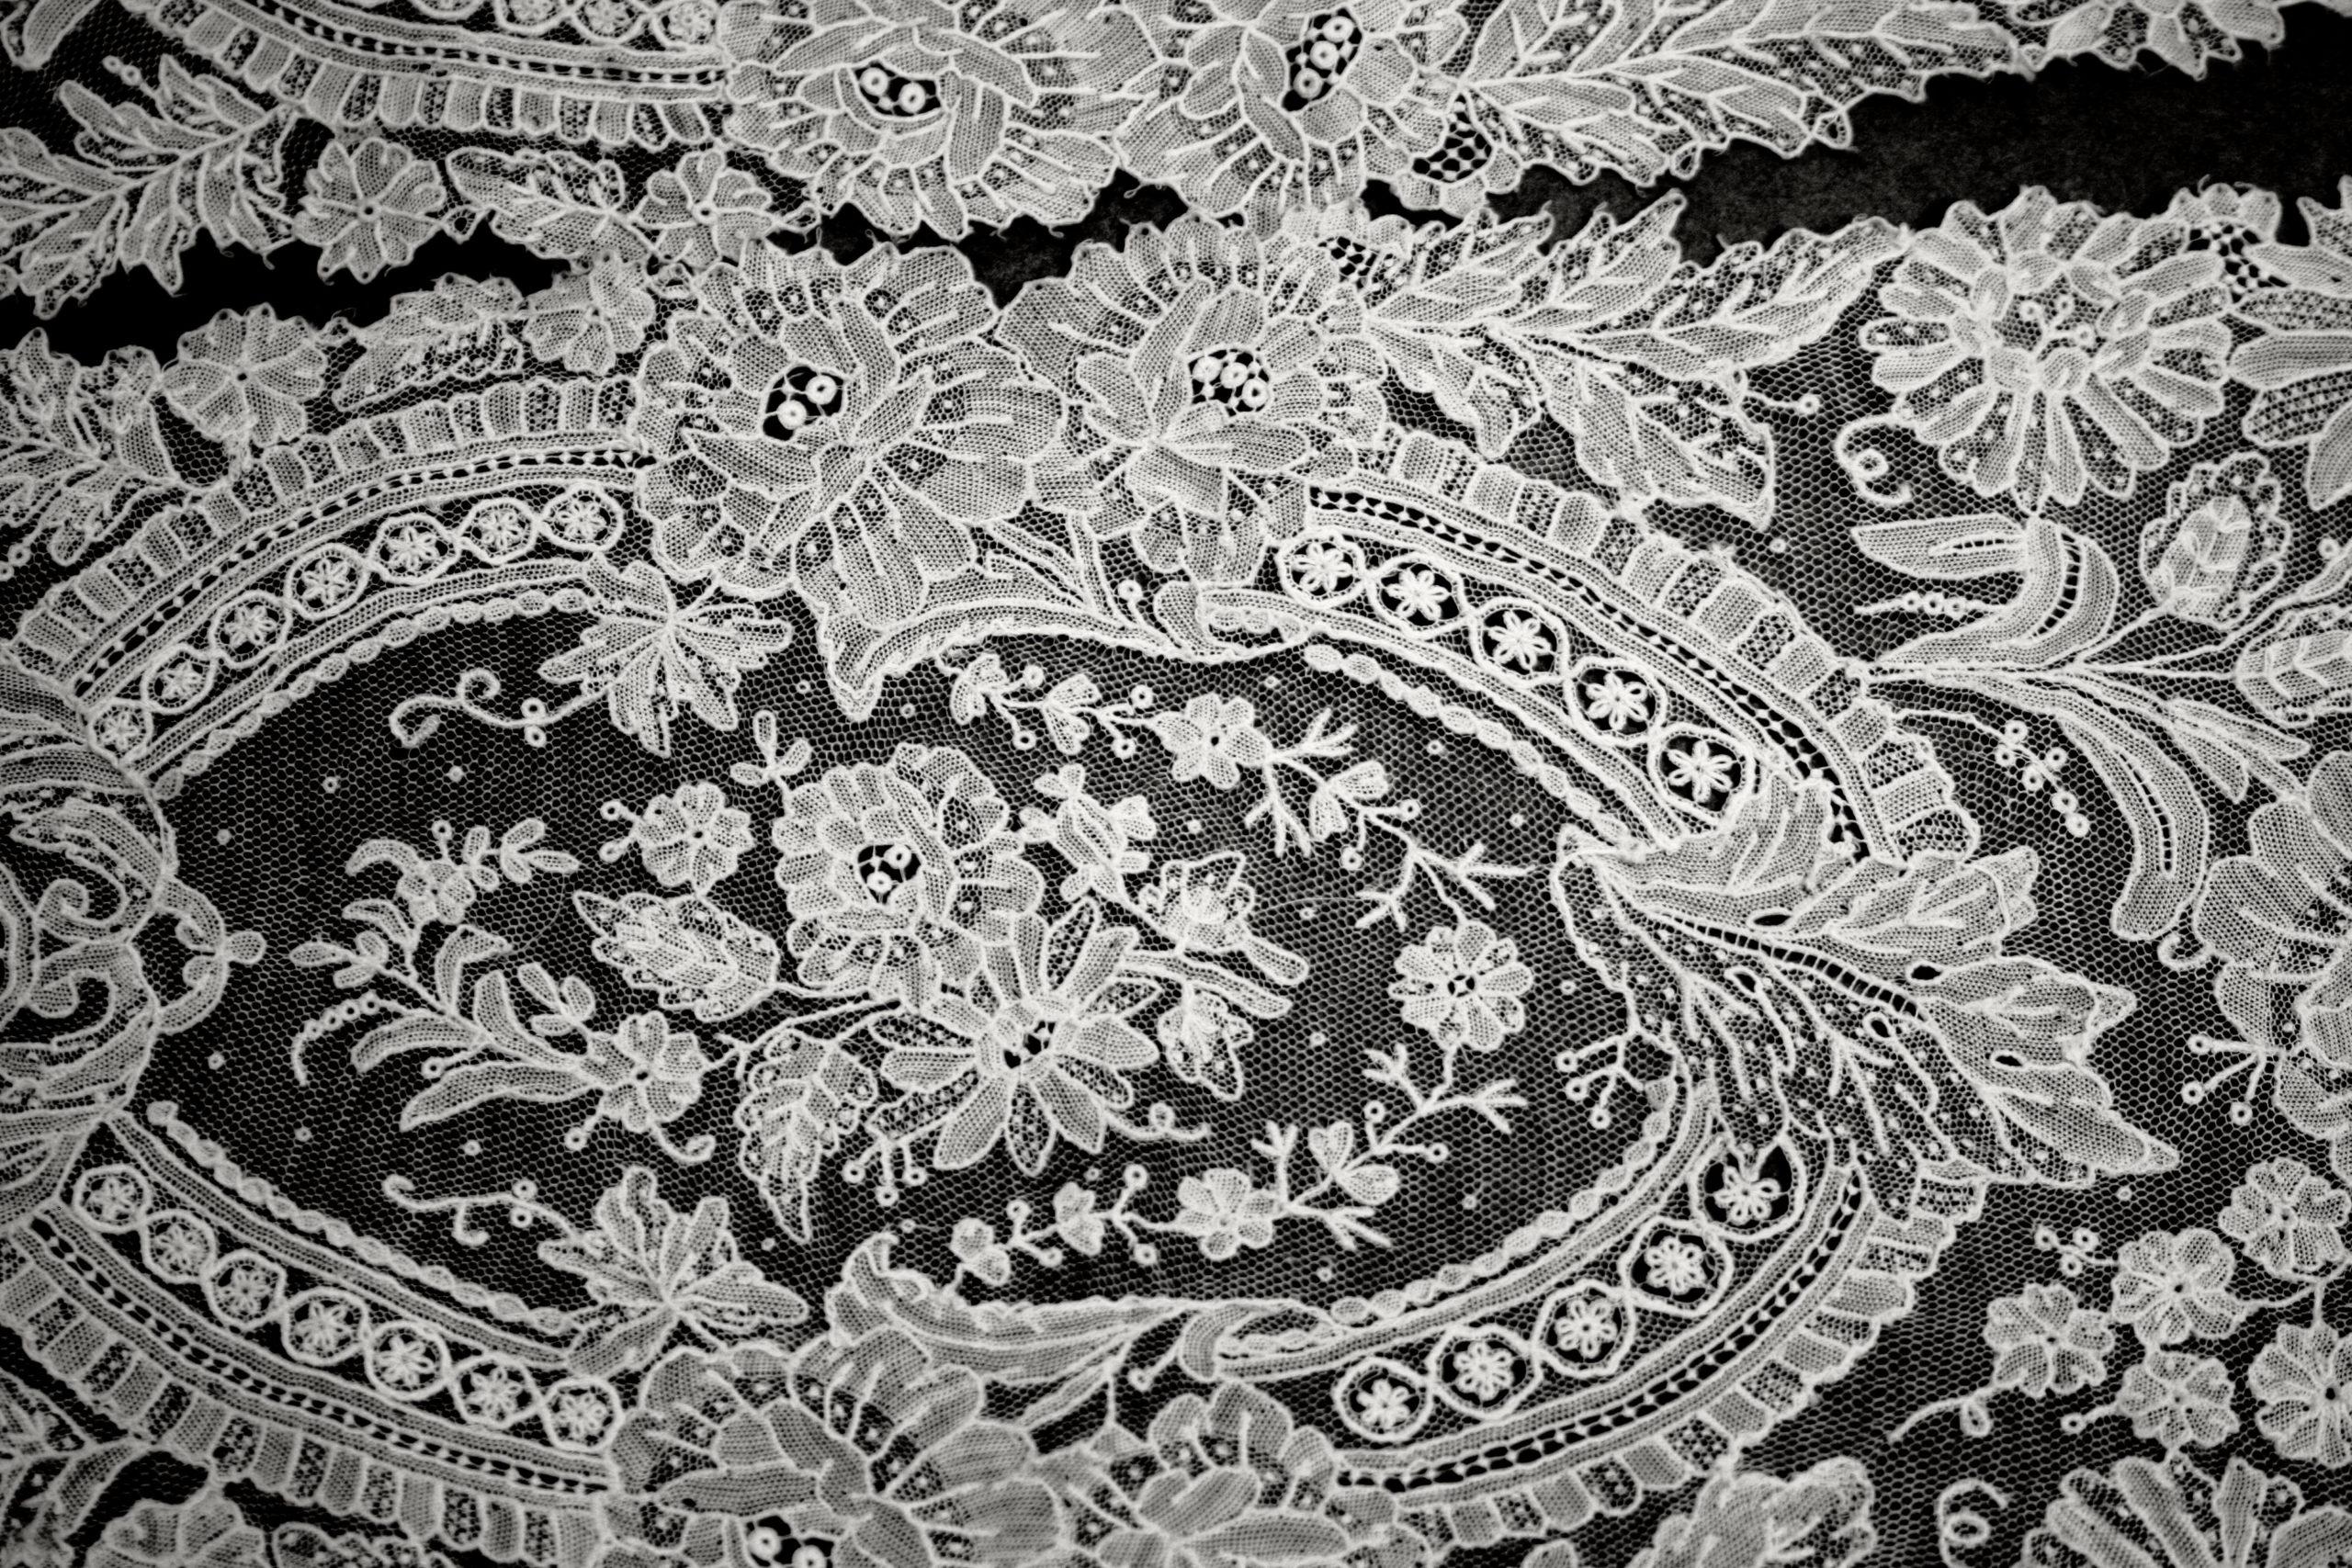 Sjaal van gaaskant, katoen, 2de helft 19de eeuw